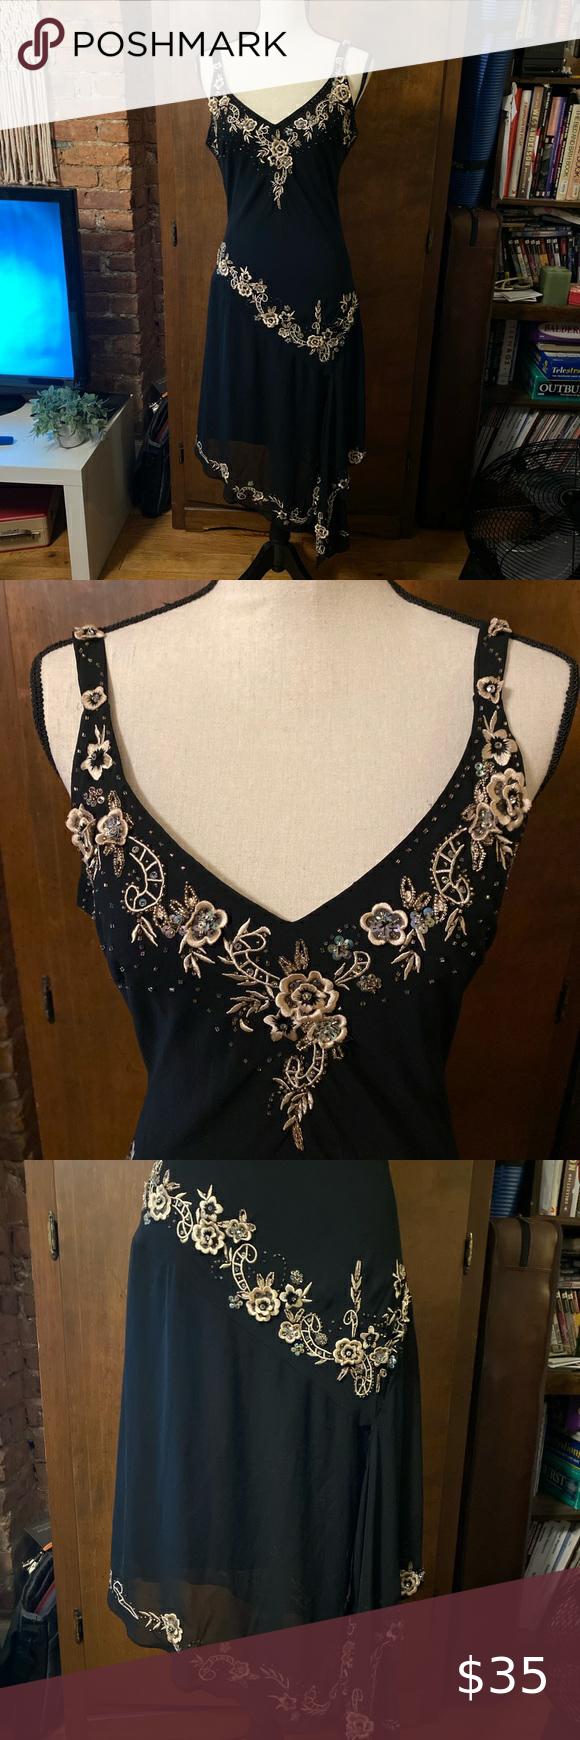 Vintage Black Stevie Nicks Midi Dress M Midi Dress Vintage Dresses Vintage Black [ 1740 x 580 Pixel ]